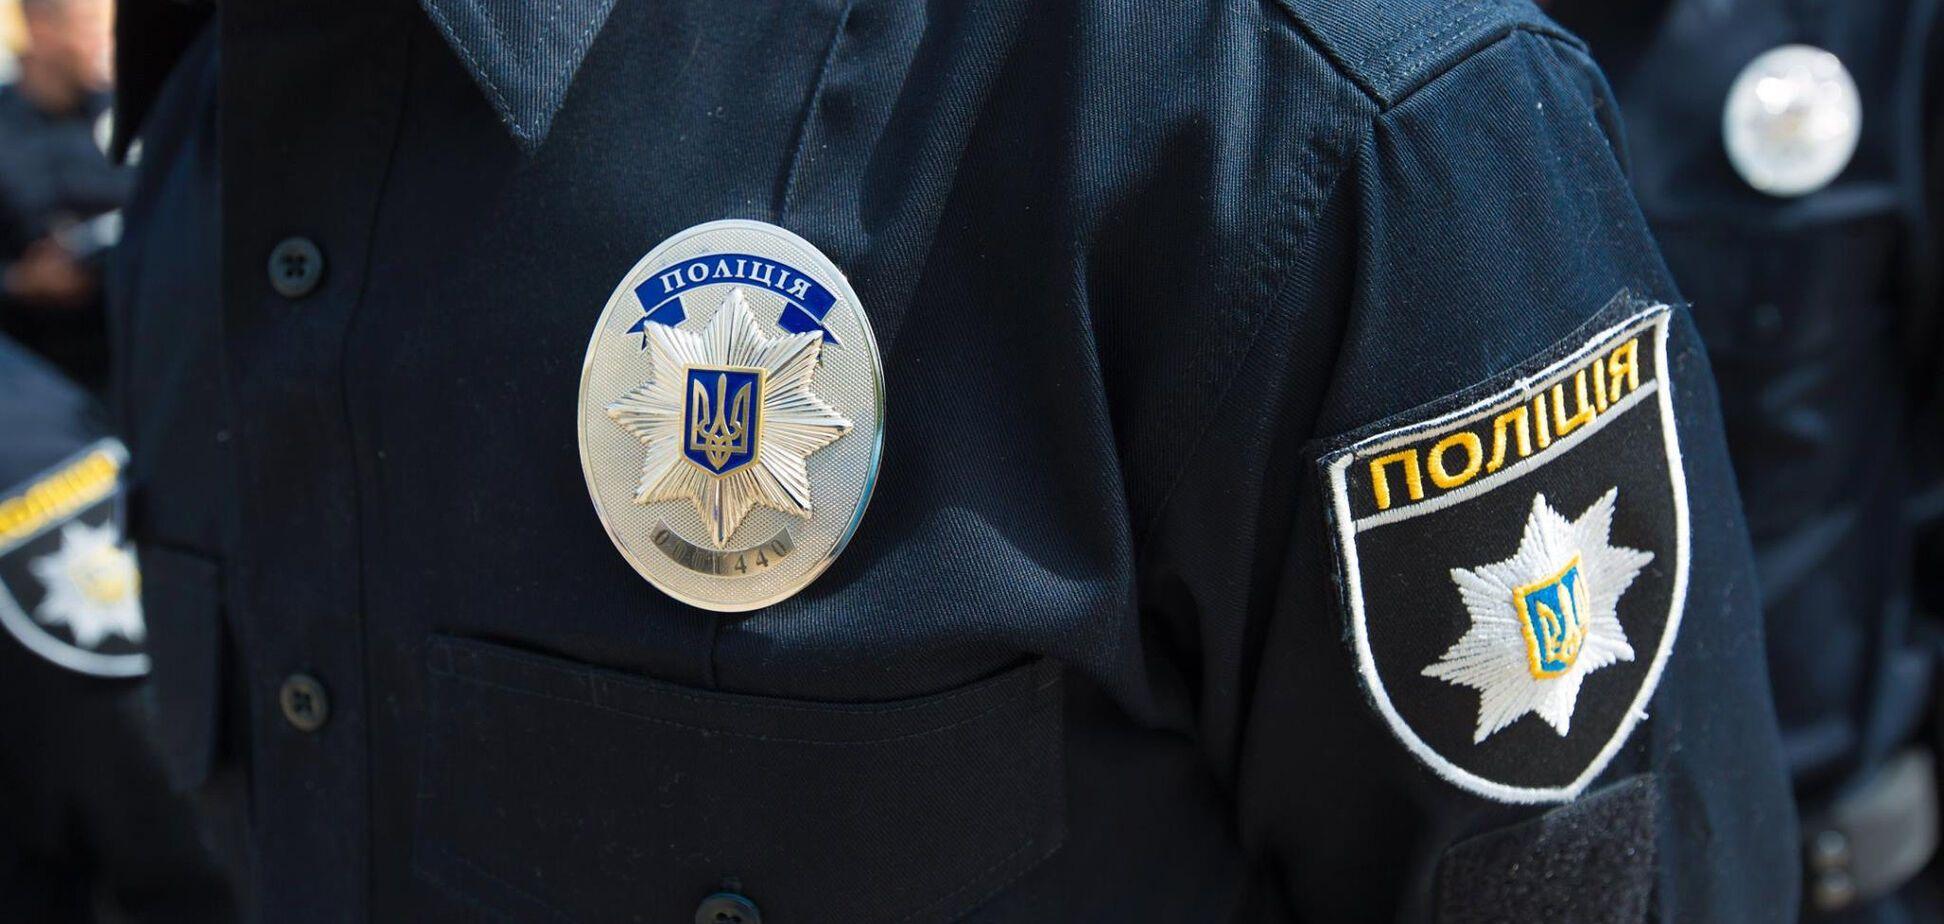 На Київщині чоловік влаштував стрілянину на власному подвір'ї. Ілюстрація